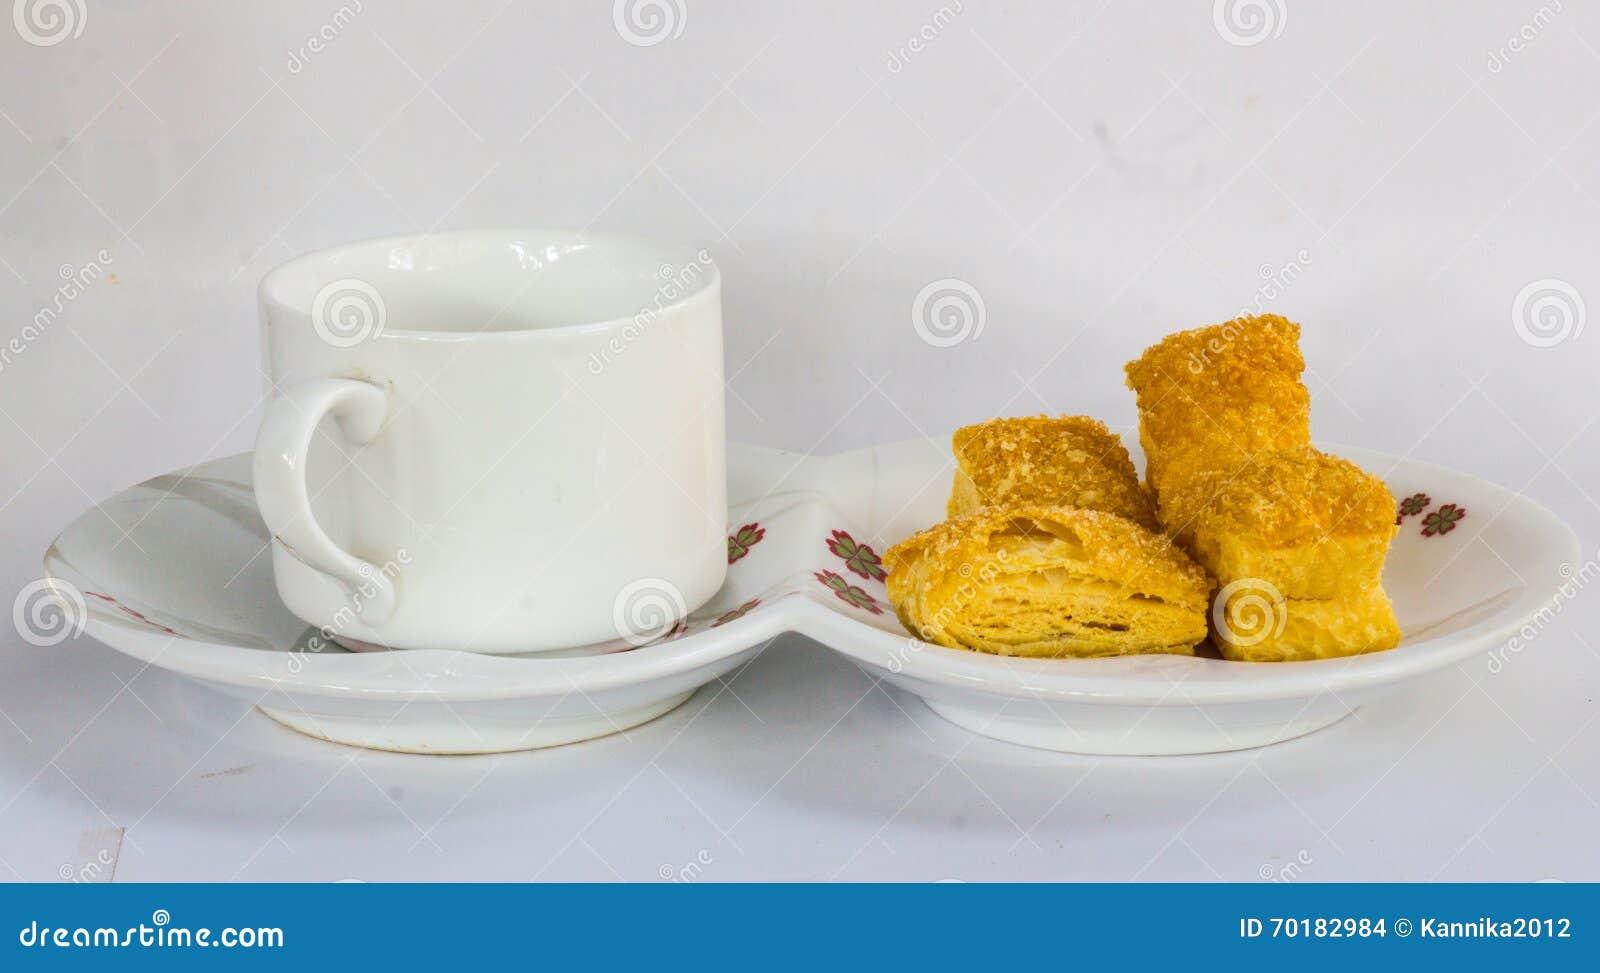 Bröd är frukosten in i morse